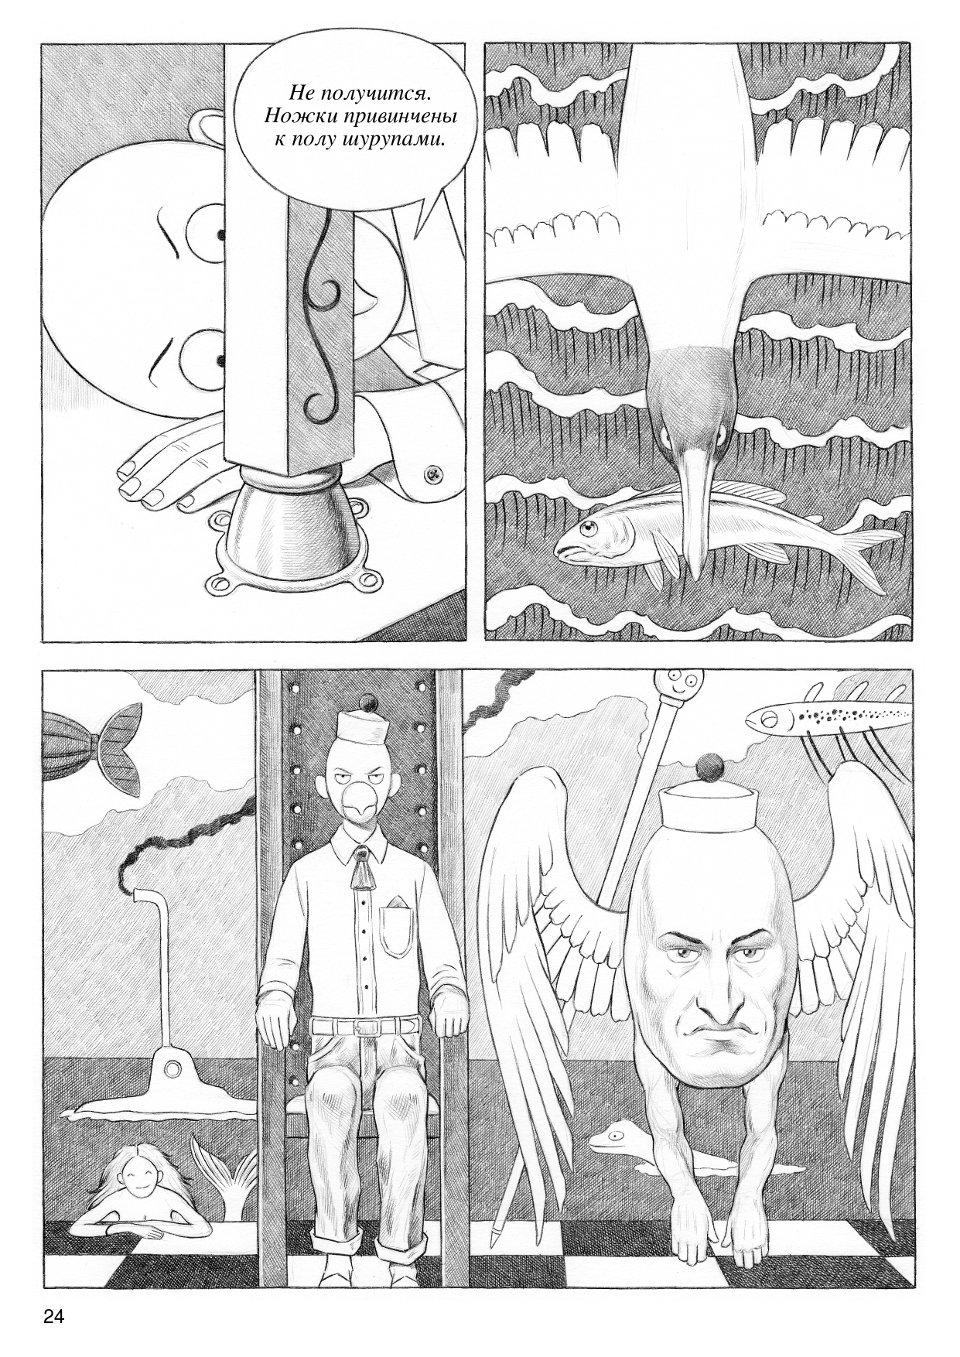 024_dirizhablyam-strelok-oppundeyl-komiksy-kartinki-komiksy_711919169